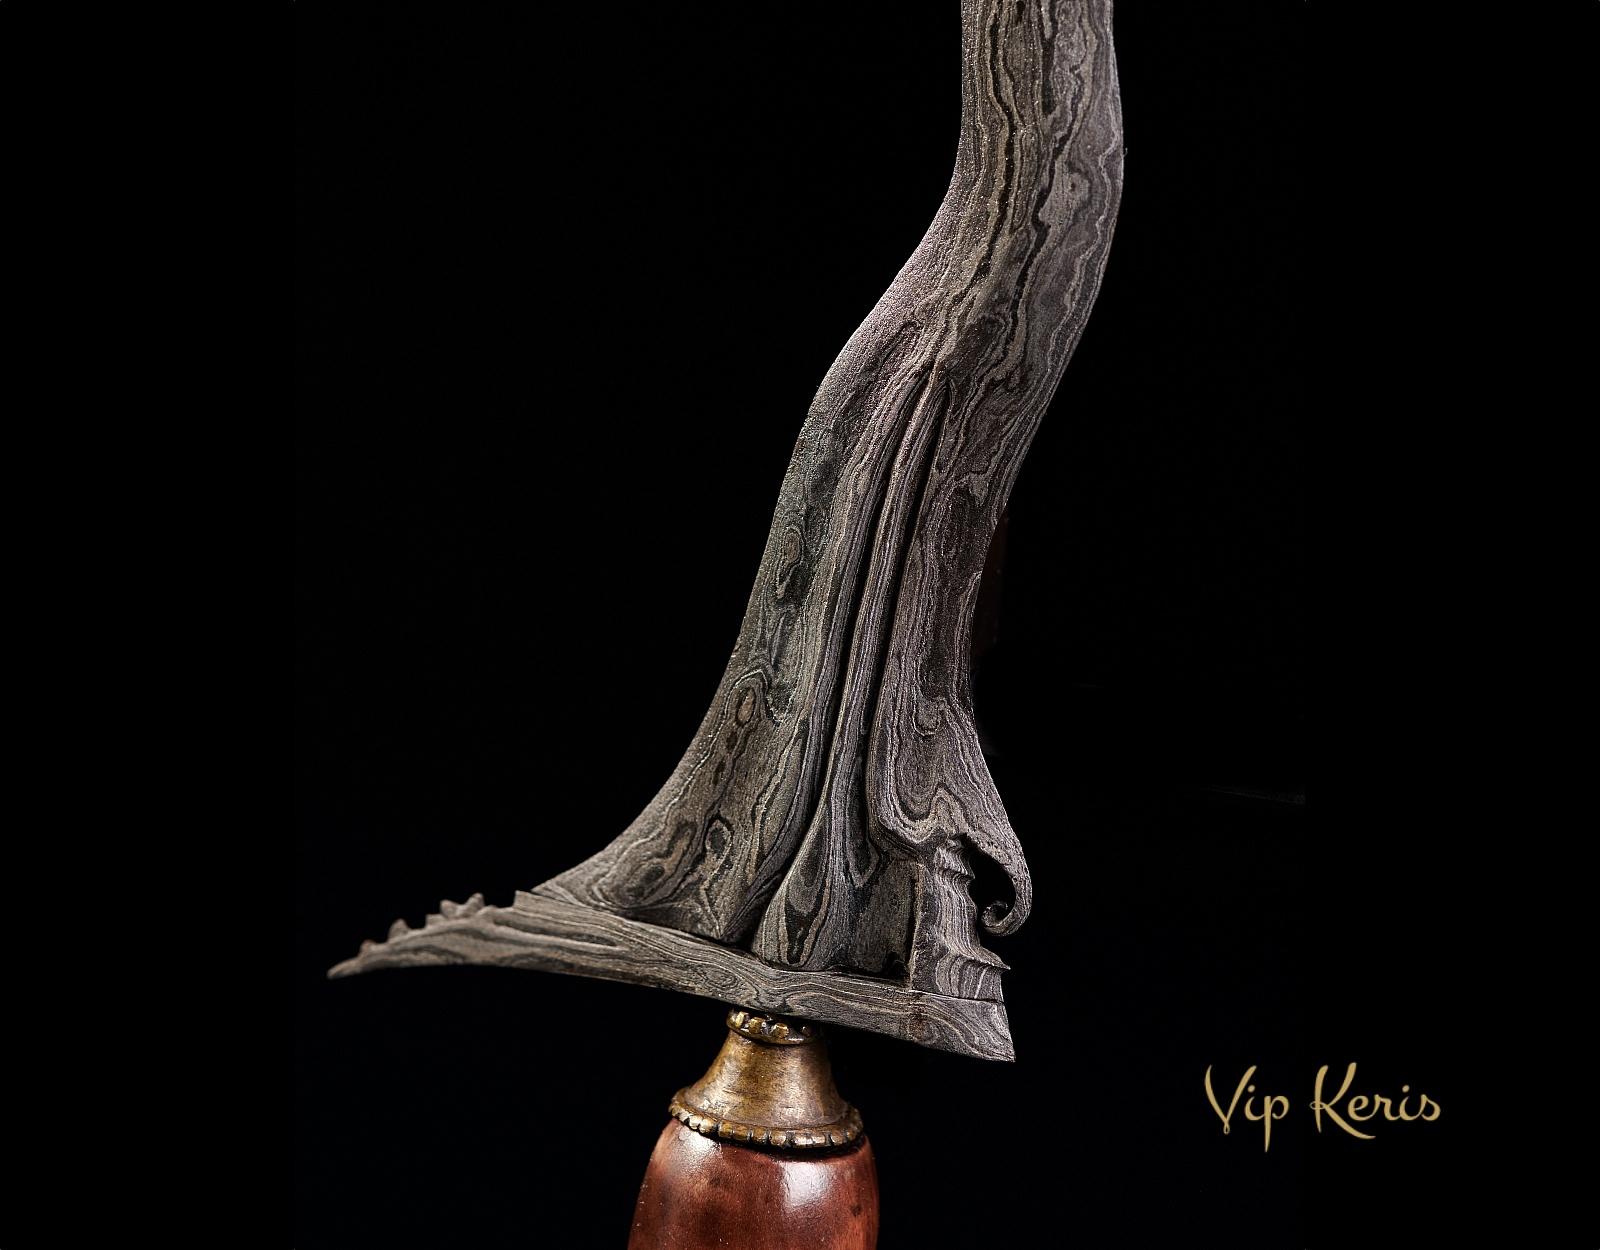 Кинжал Крис Sengkelat Luk13, боевая магия стихии Воздух фото VipKeris